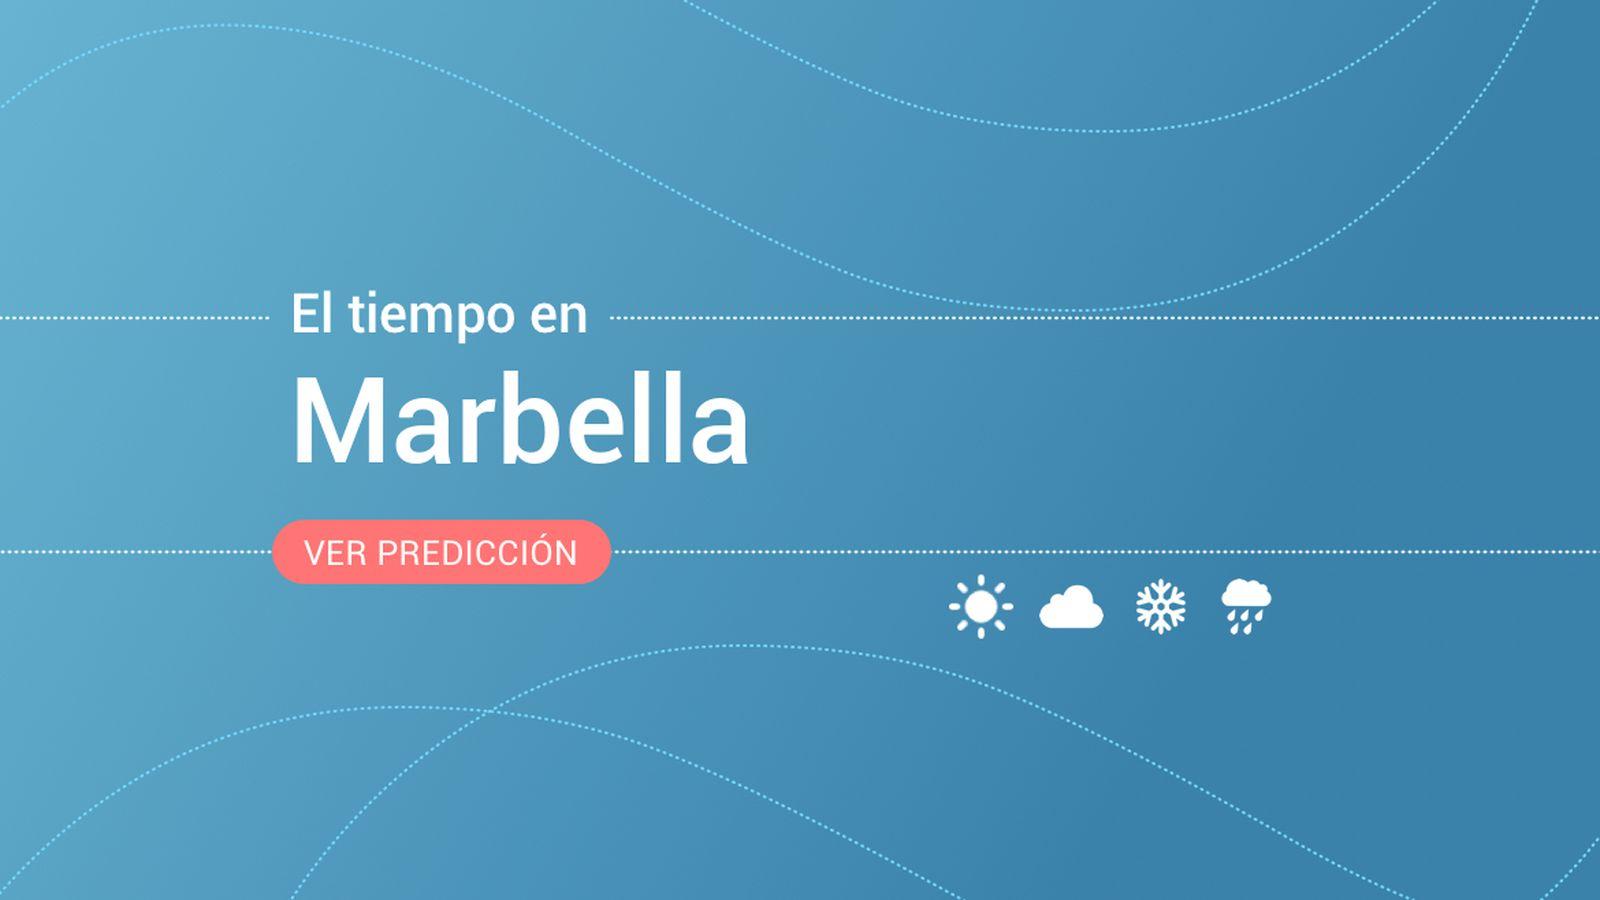 Foto: El tiempo en Marbella. (EC)